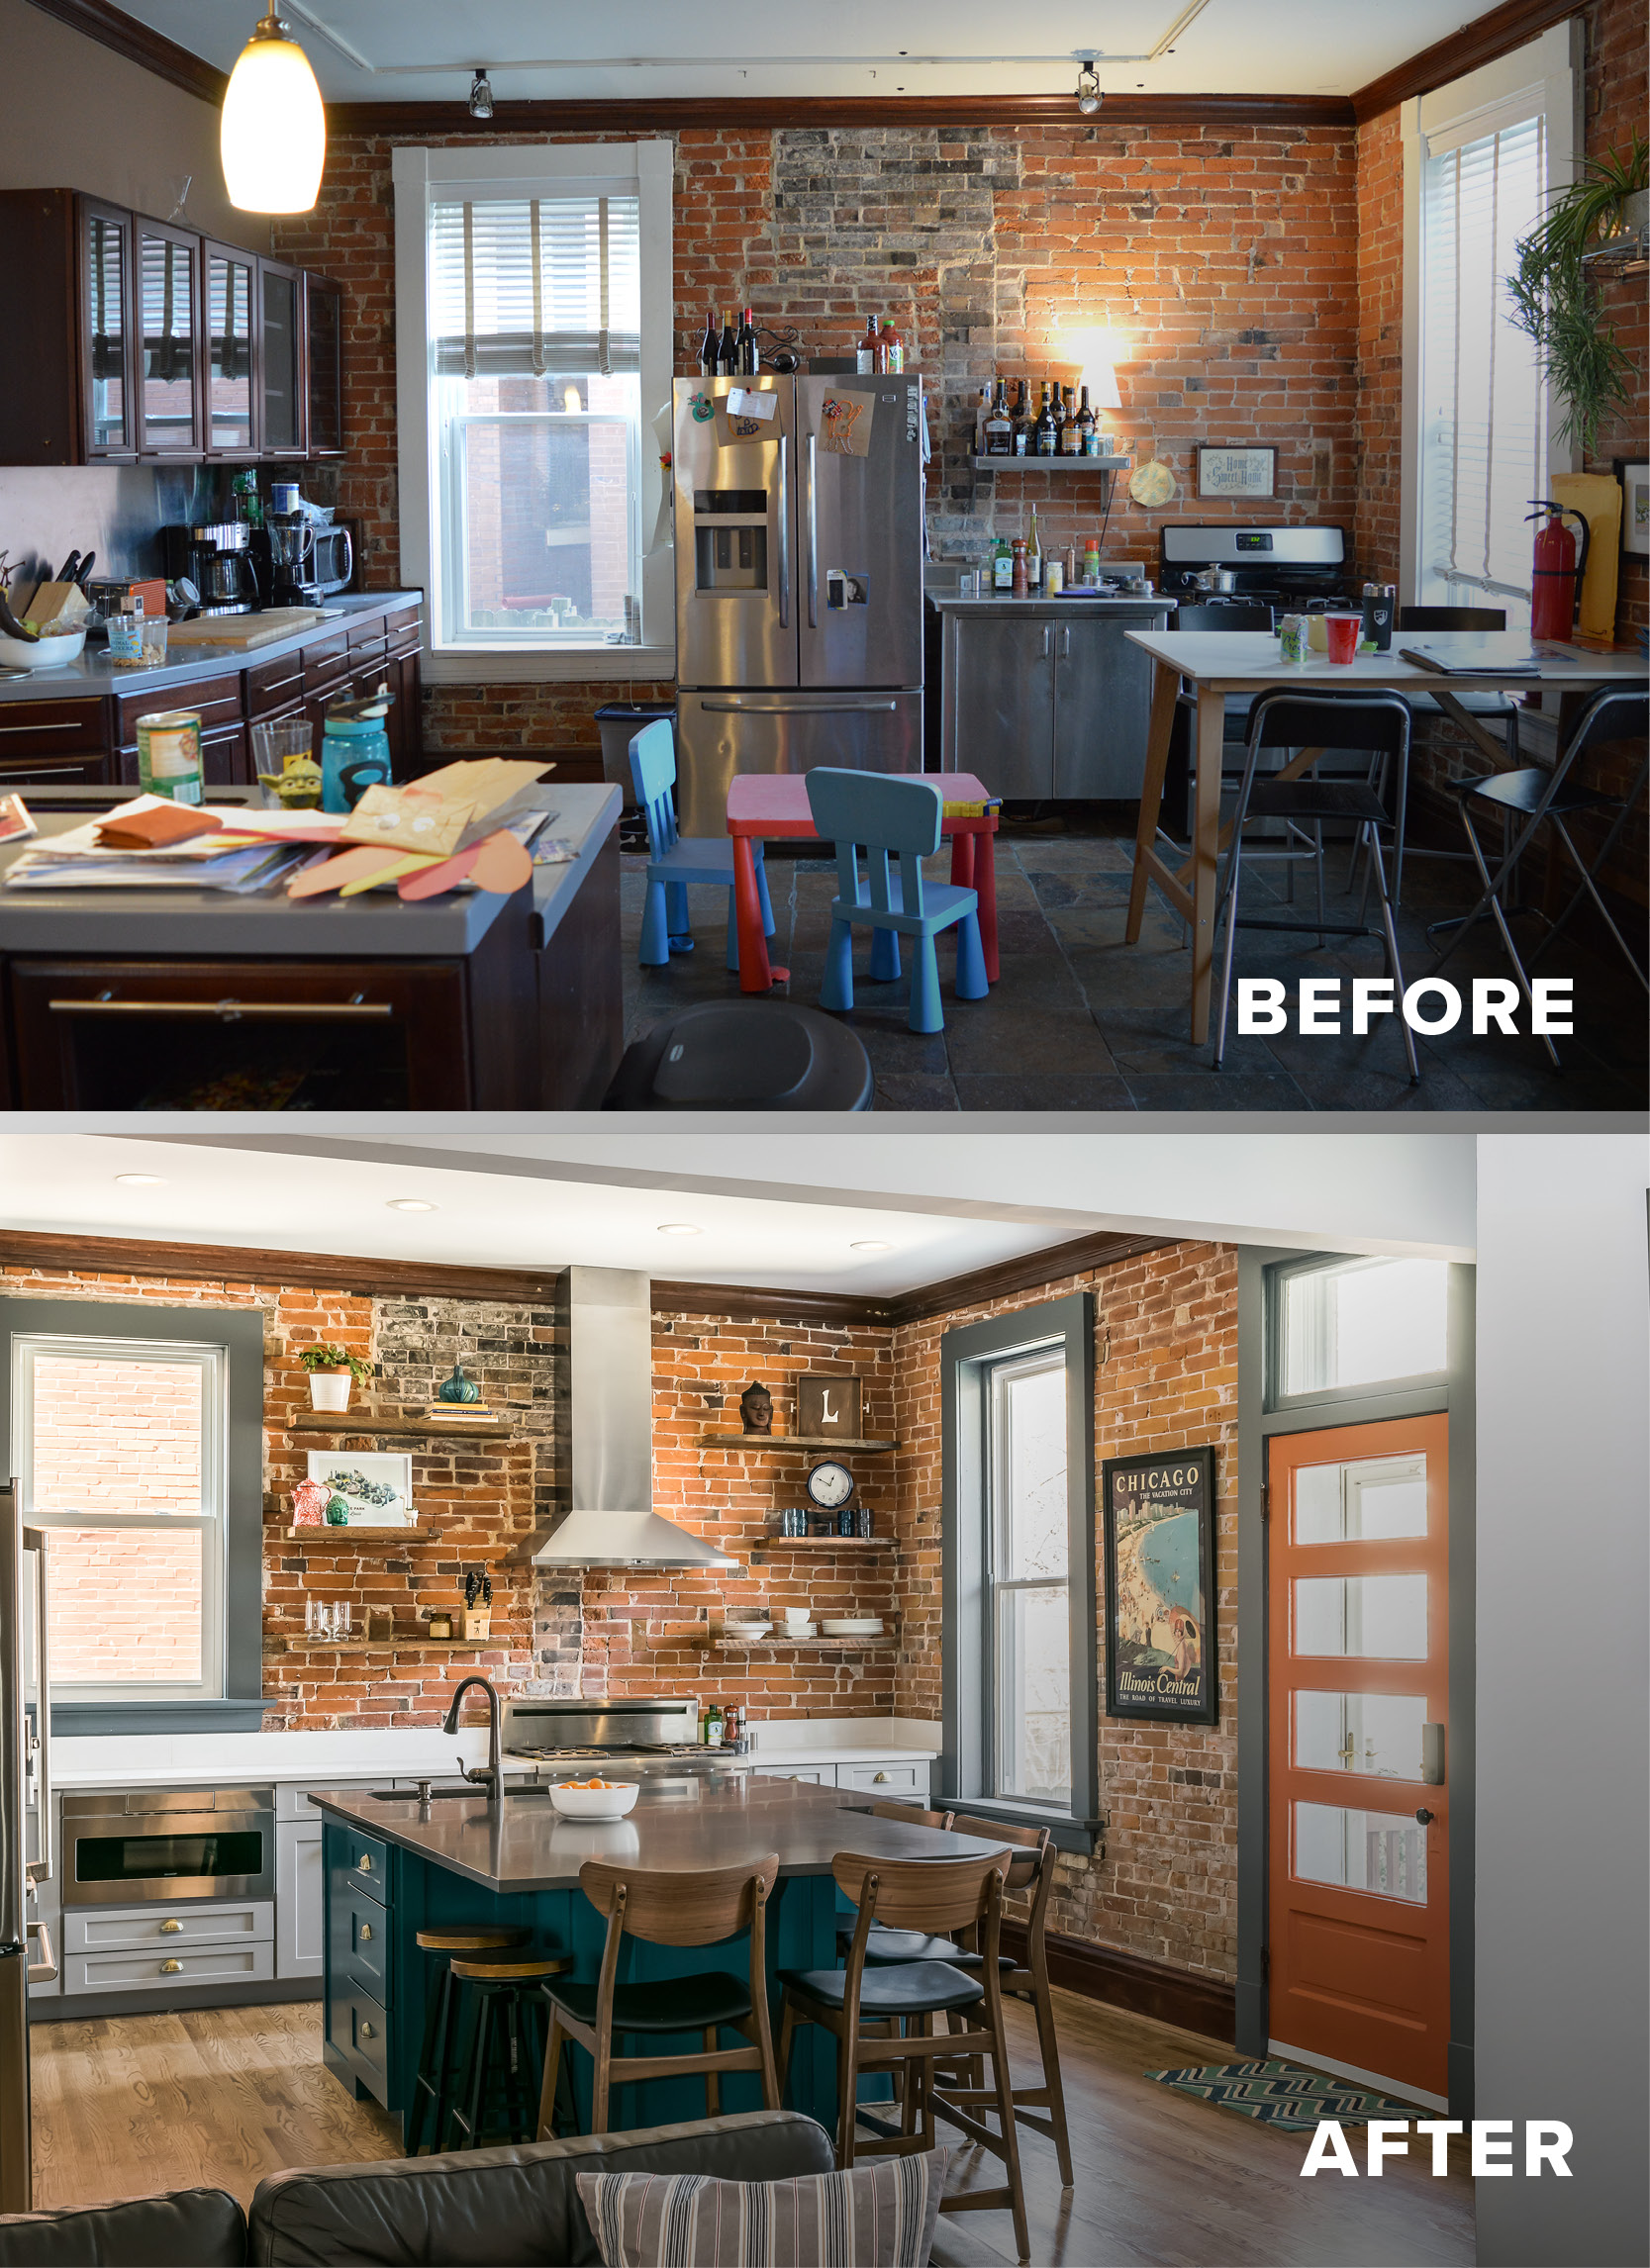 LU-Before:After16.jpg